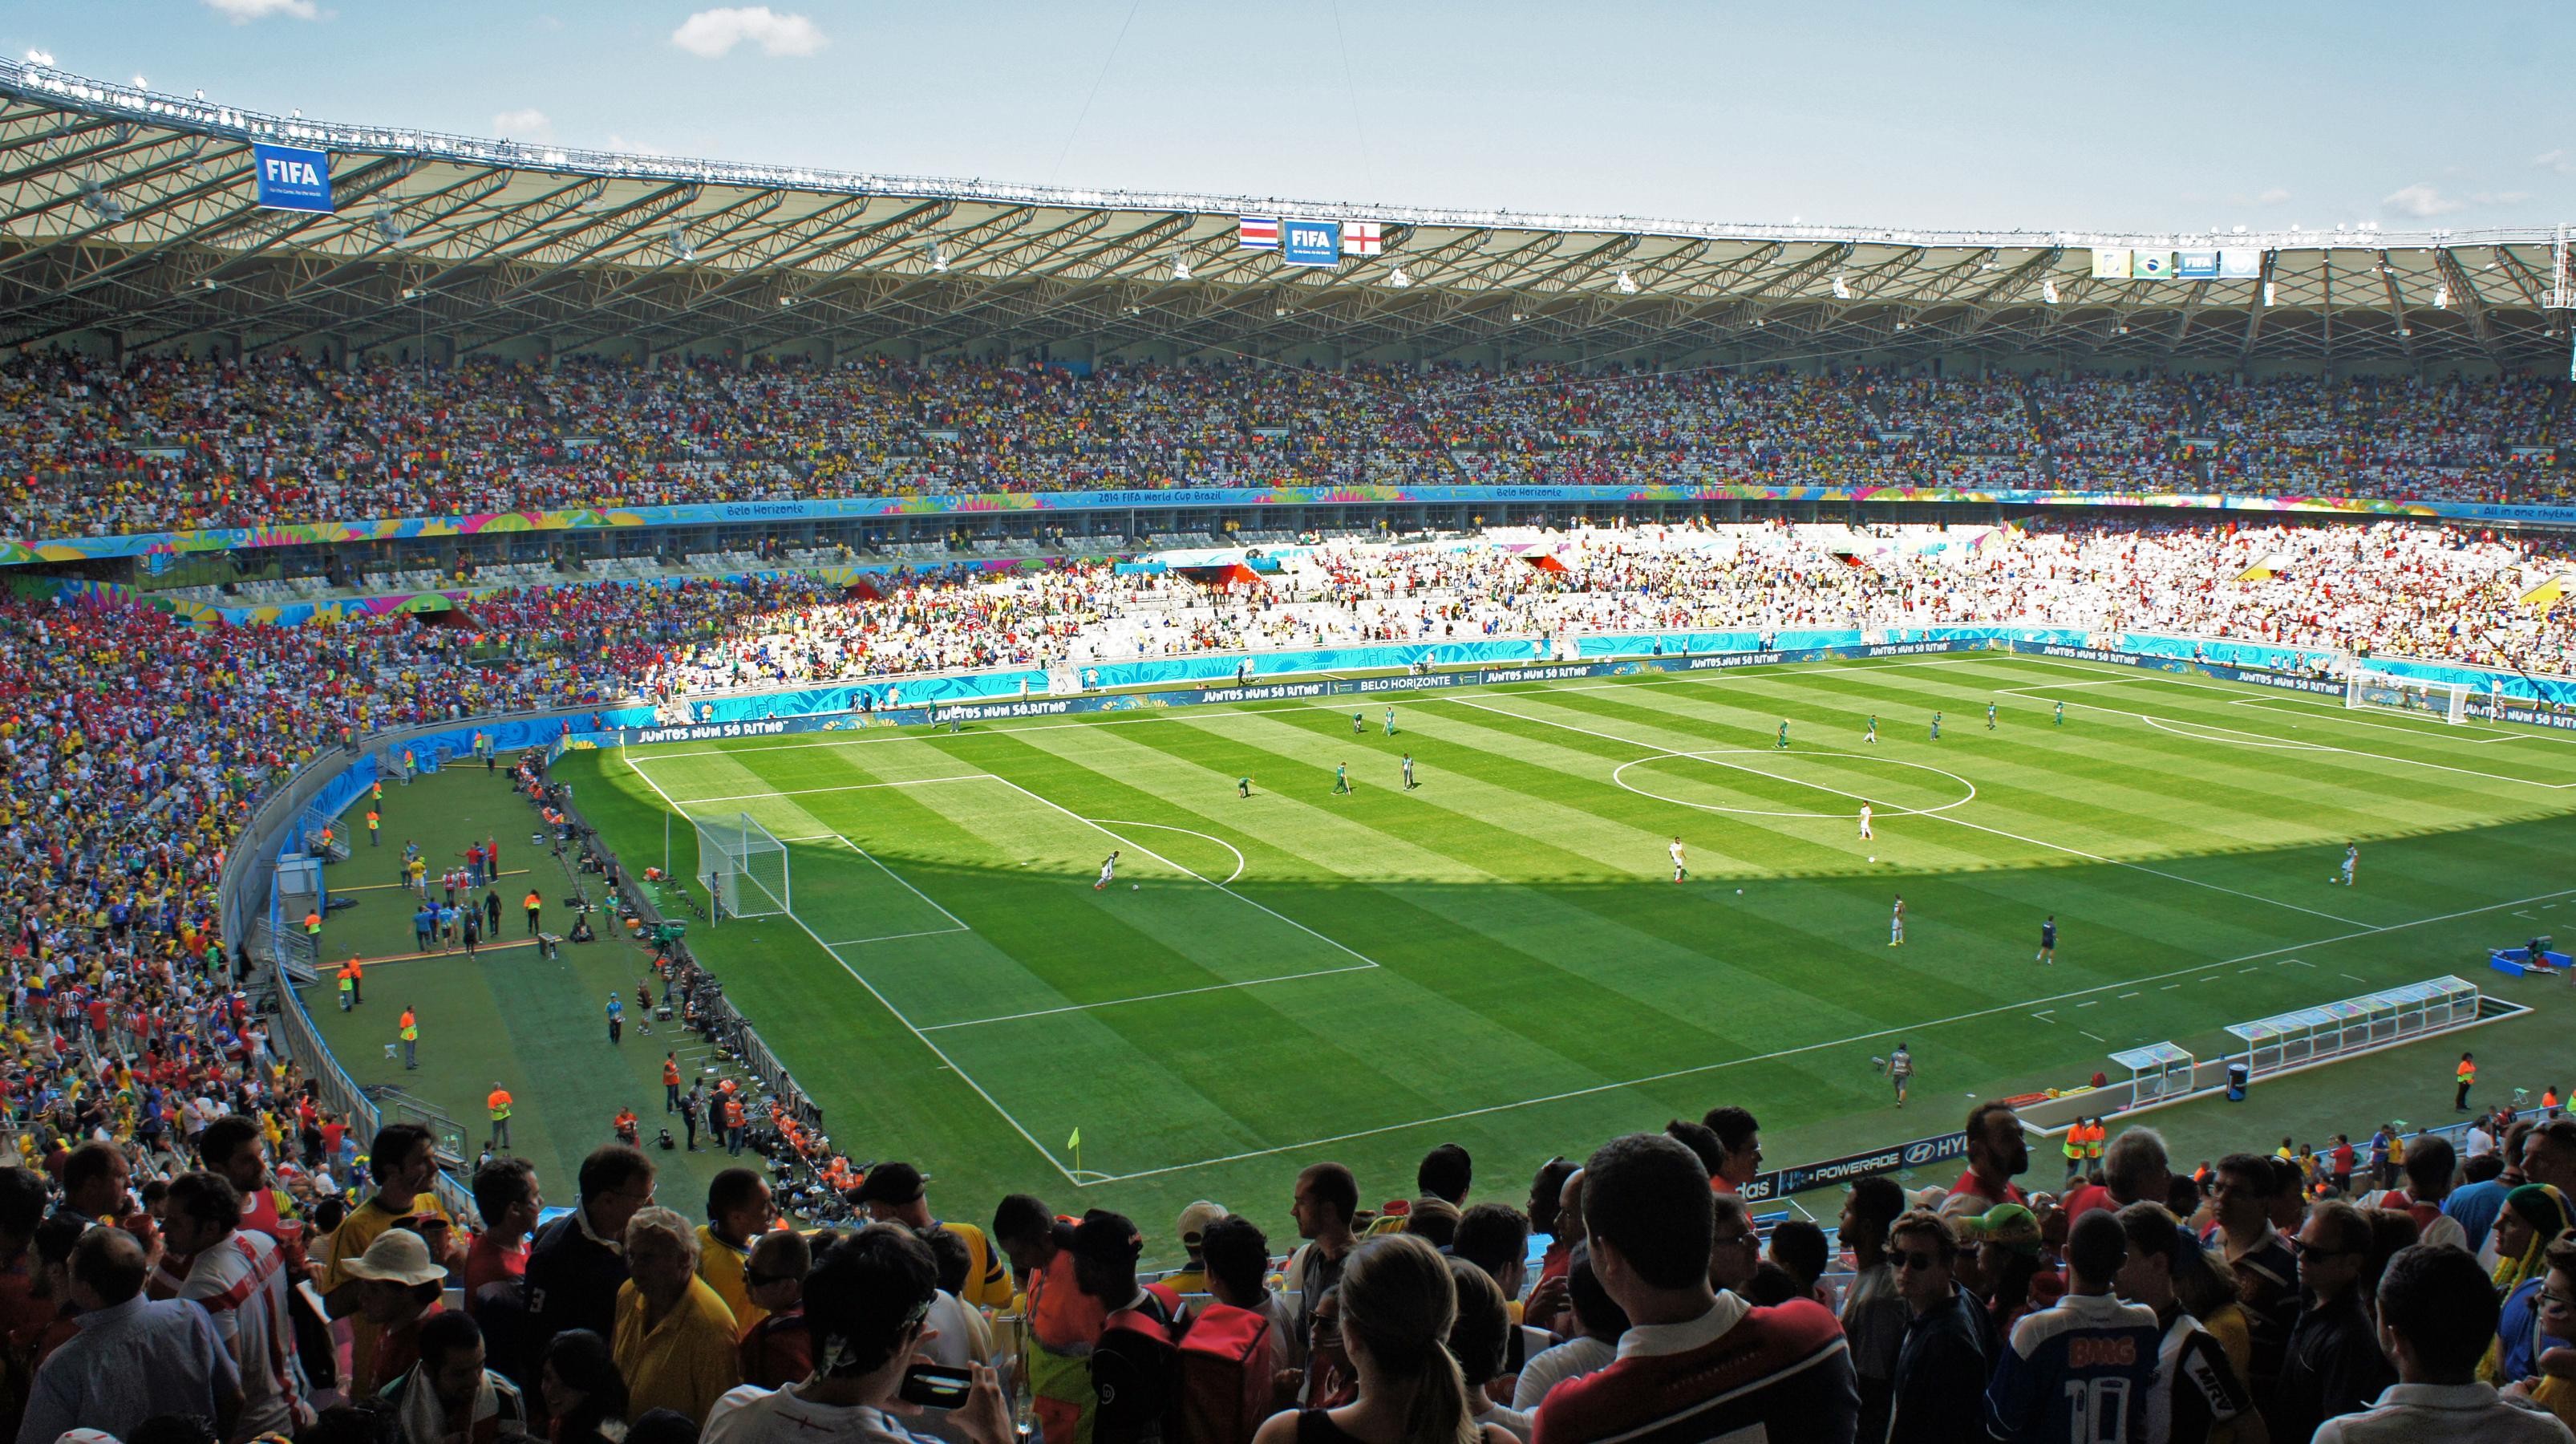 стадион магальяеш фото была браке пять